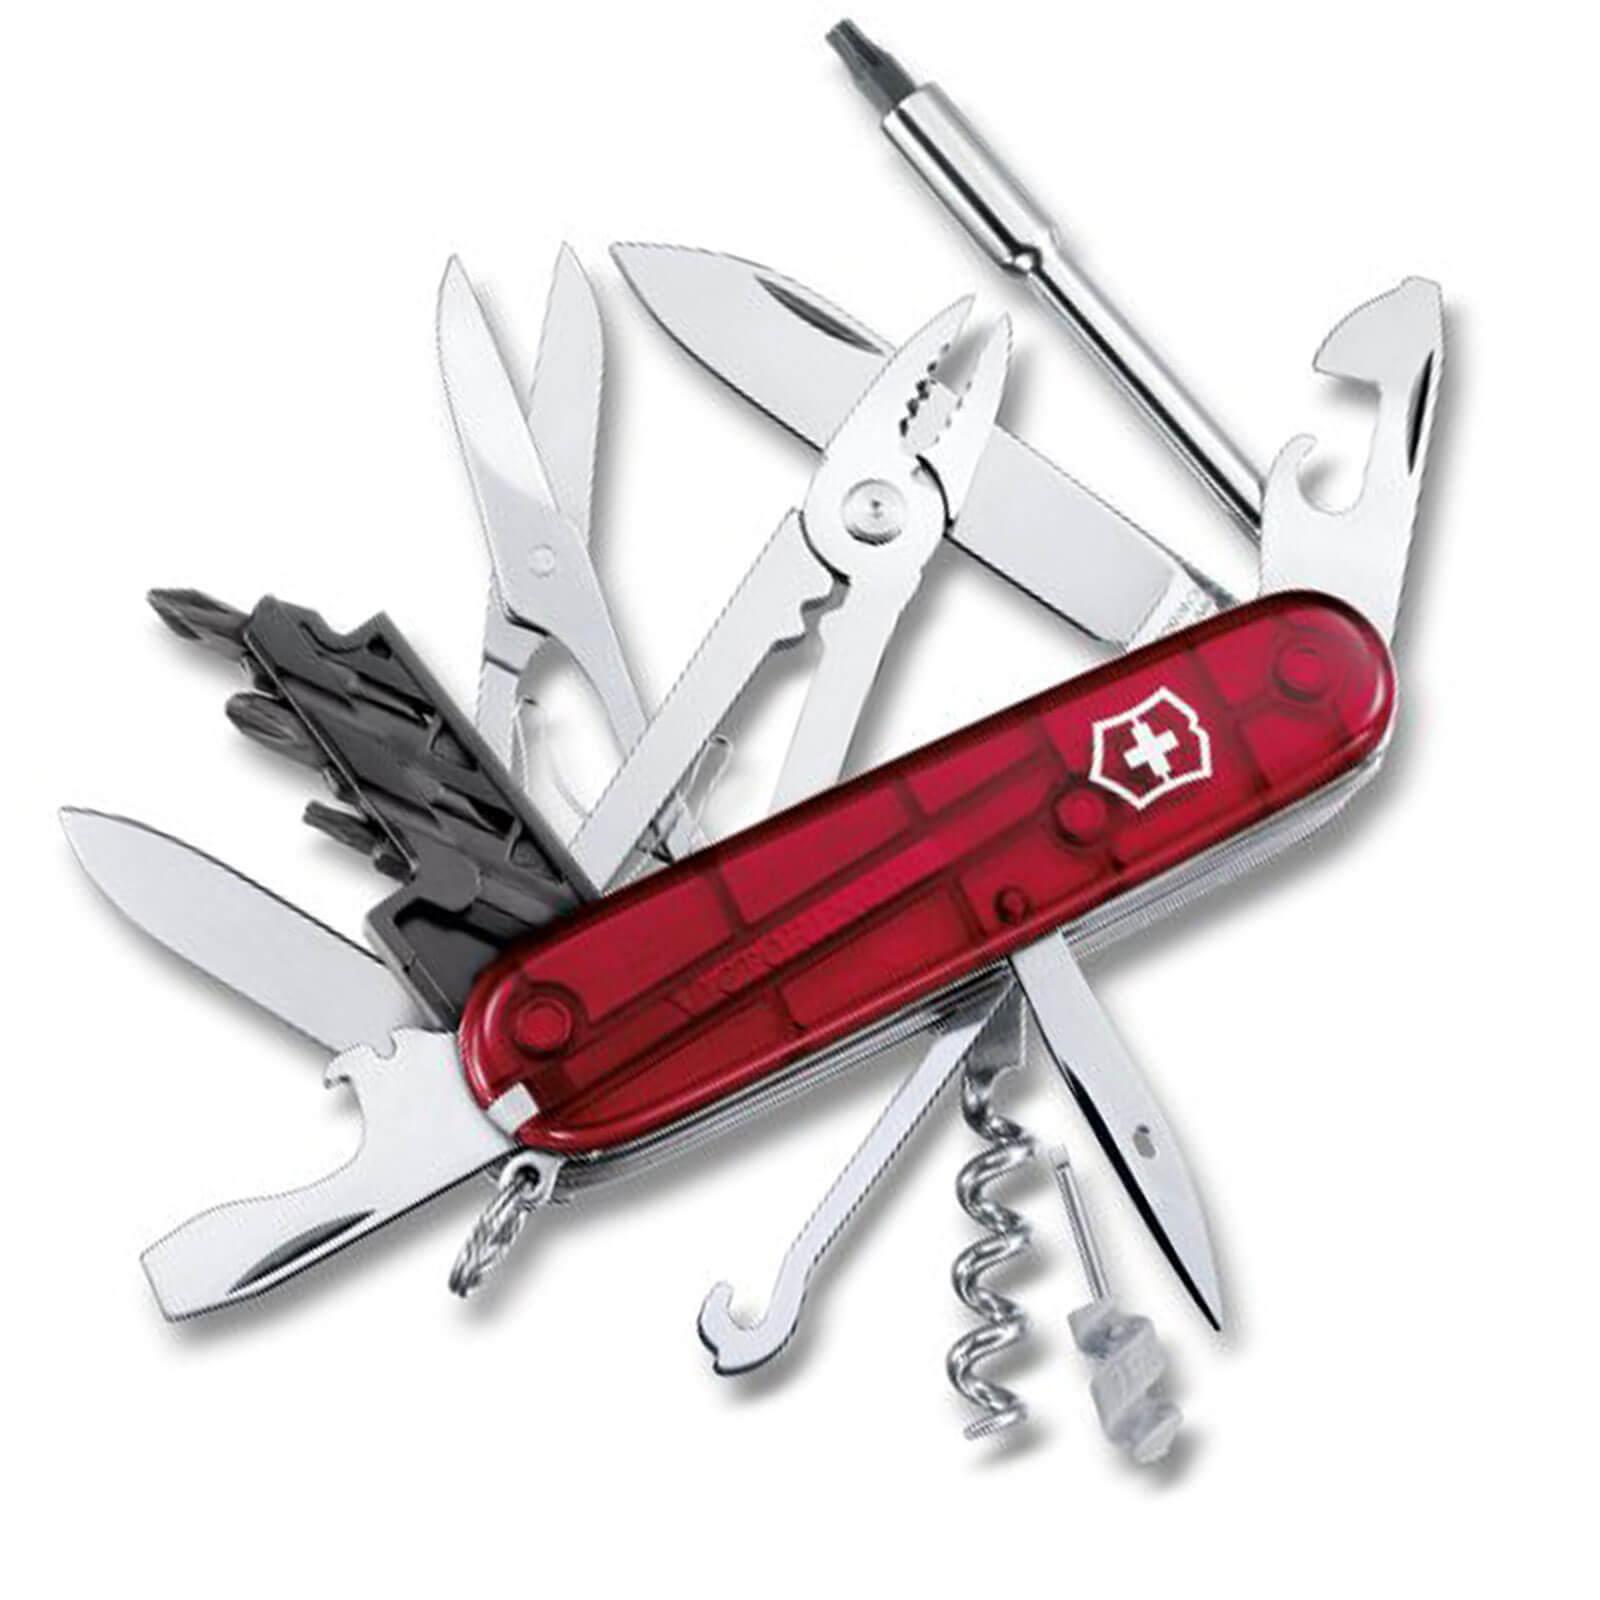 Victorinox Cybertool M Swiss Army Knife